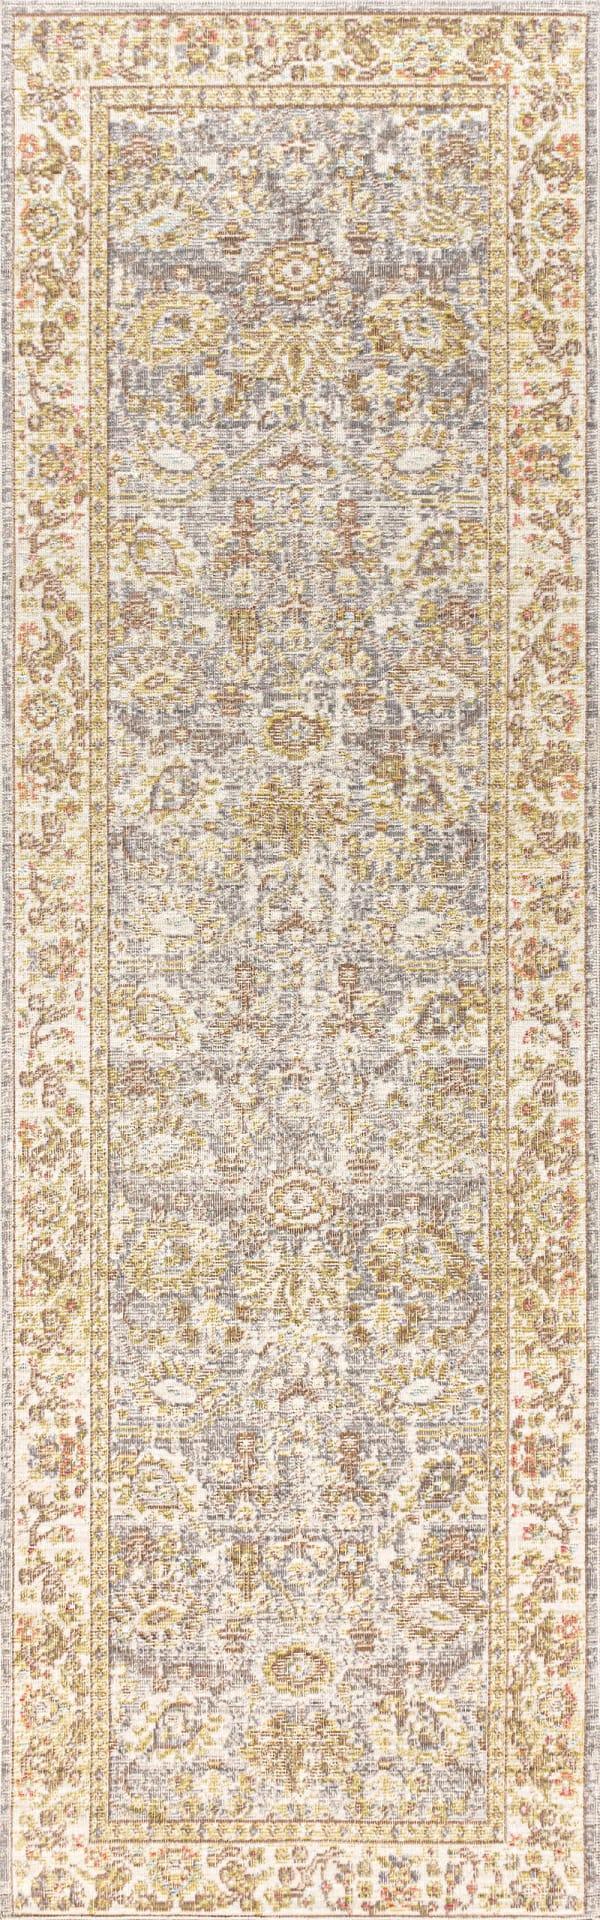 Alba Modern Faded Peshawar Gray/Ivory 2 ft. x 8 ft. Runner Rug